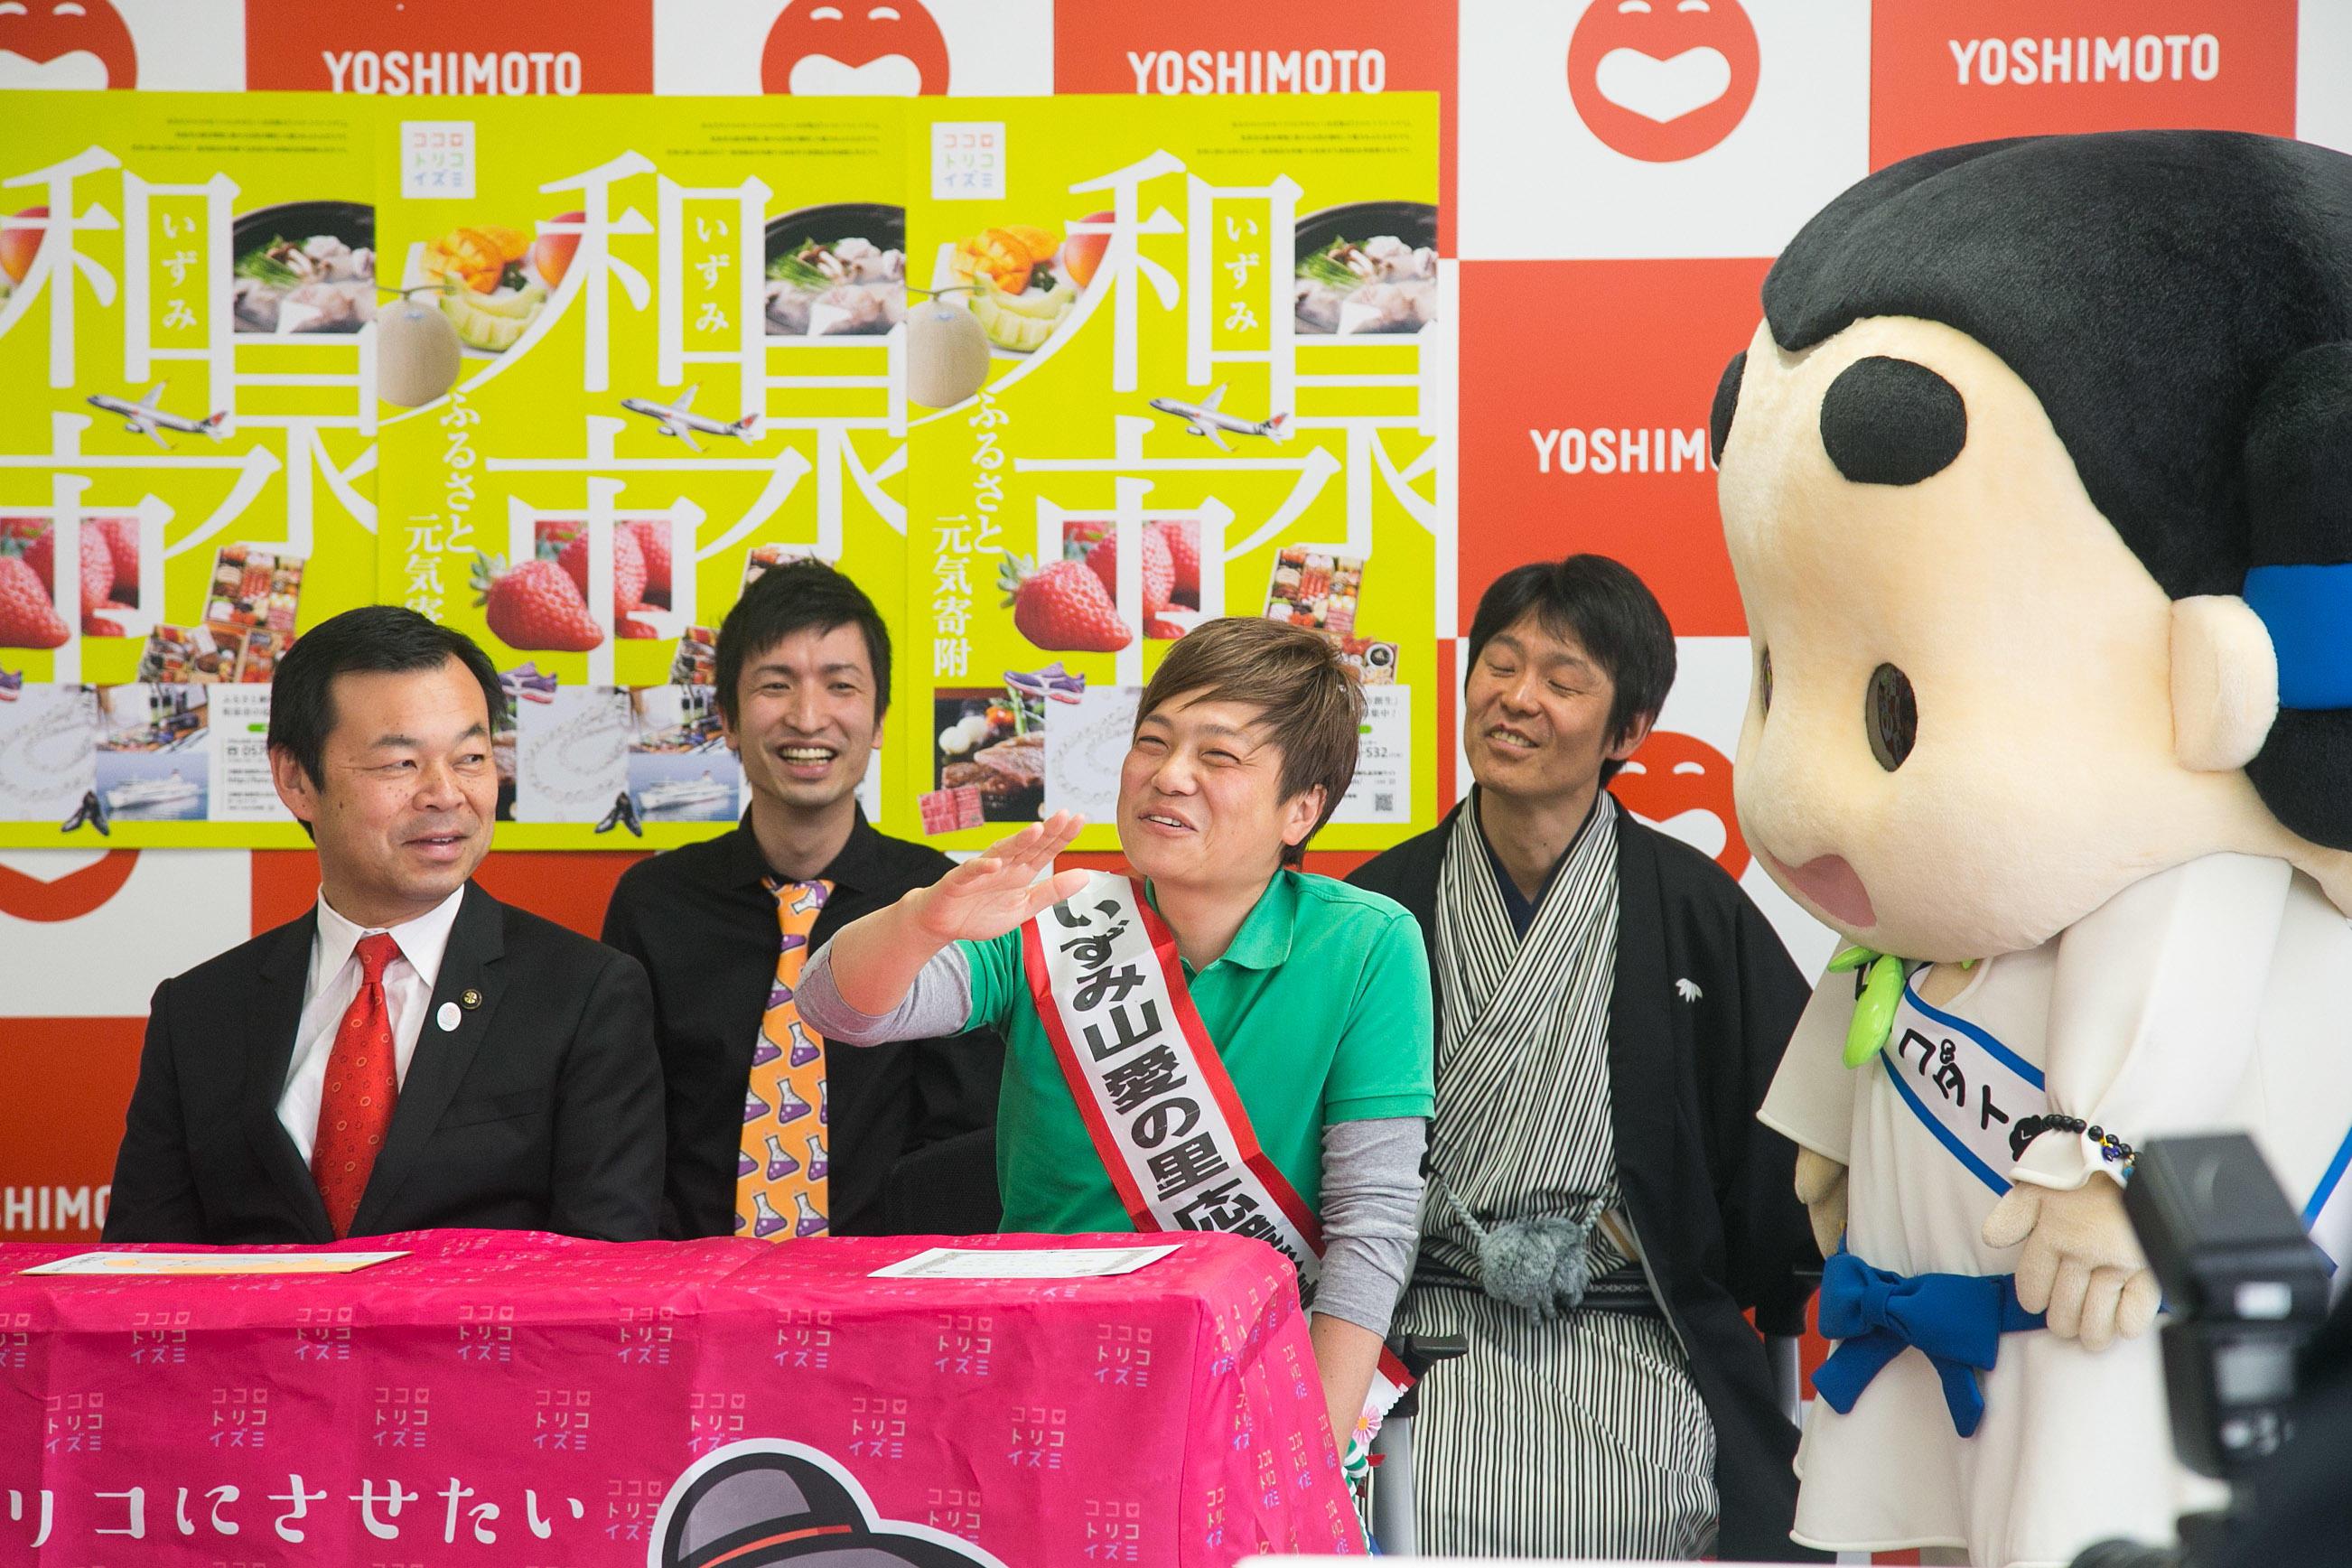 http://news.yoshimoto.co.jp/20180410141249-e2854e1082c262597ab4d0818f7a6b3b76e8a822.jpg